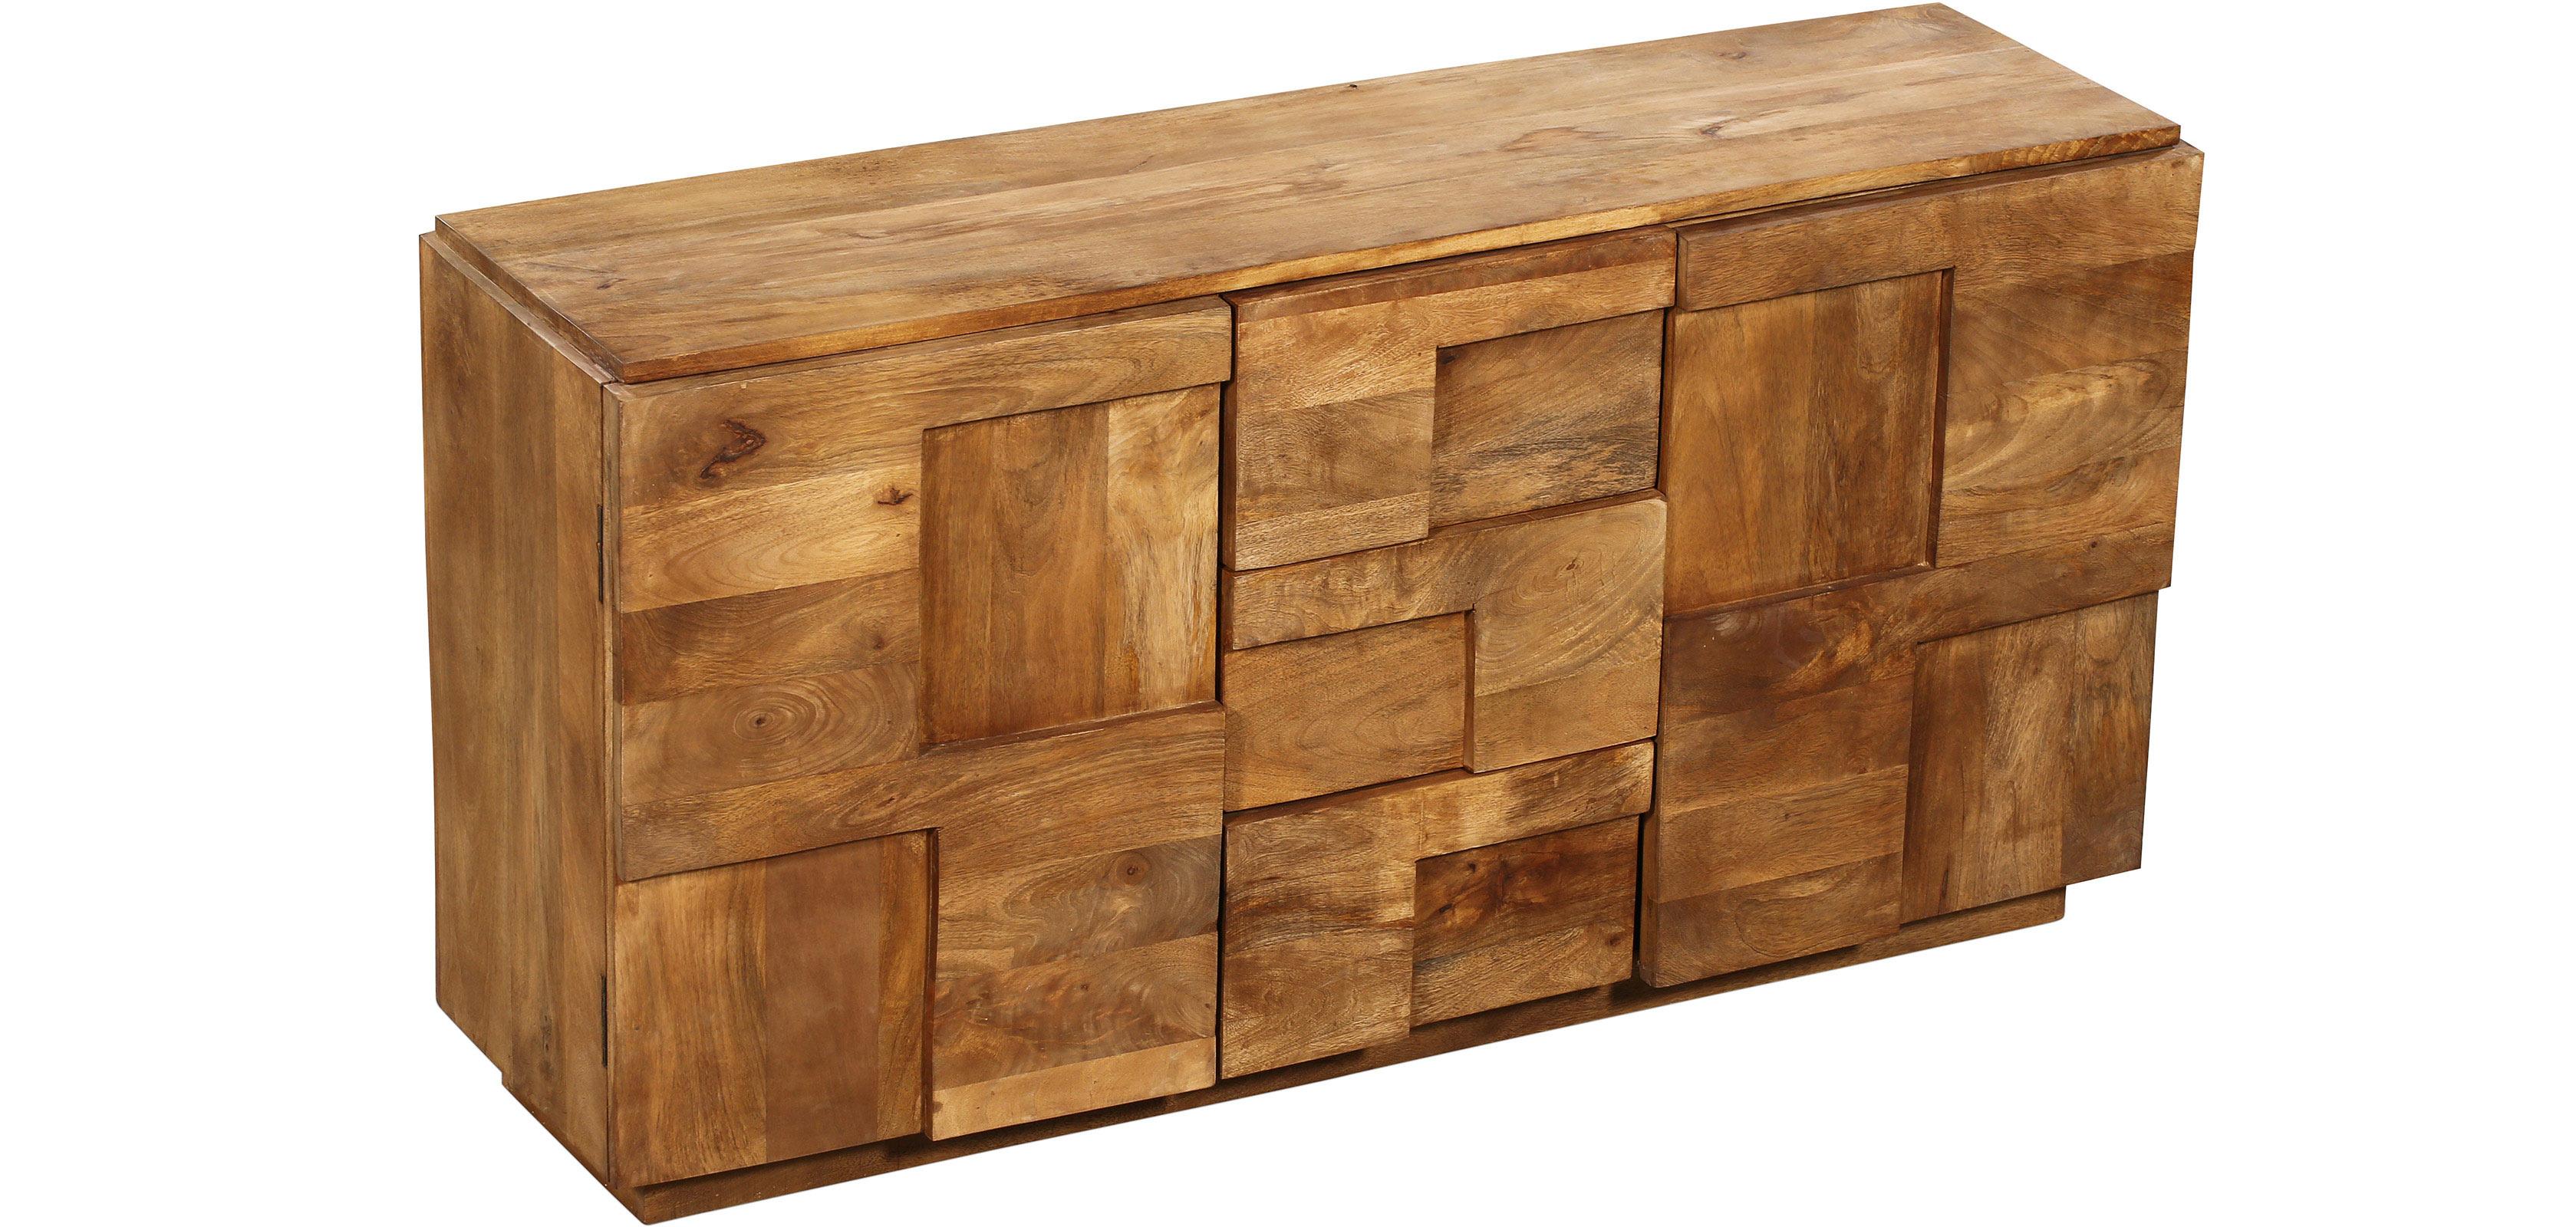 mango holz gro es sideboard. Black Bedroom Furniture Sets. Home Design Ideas